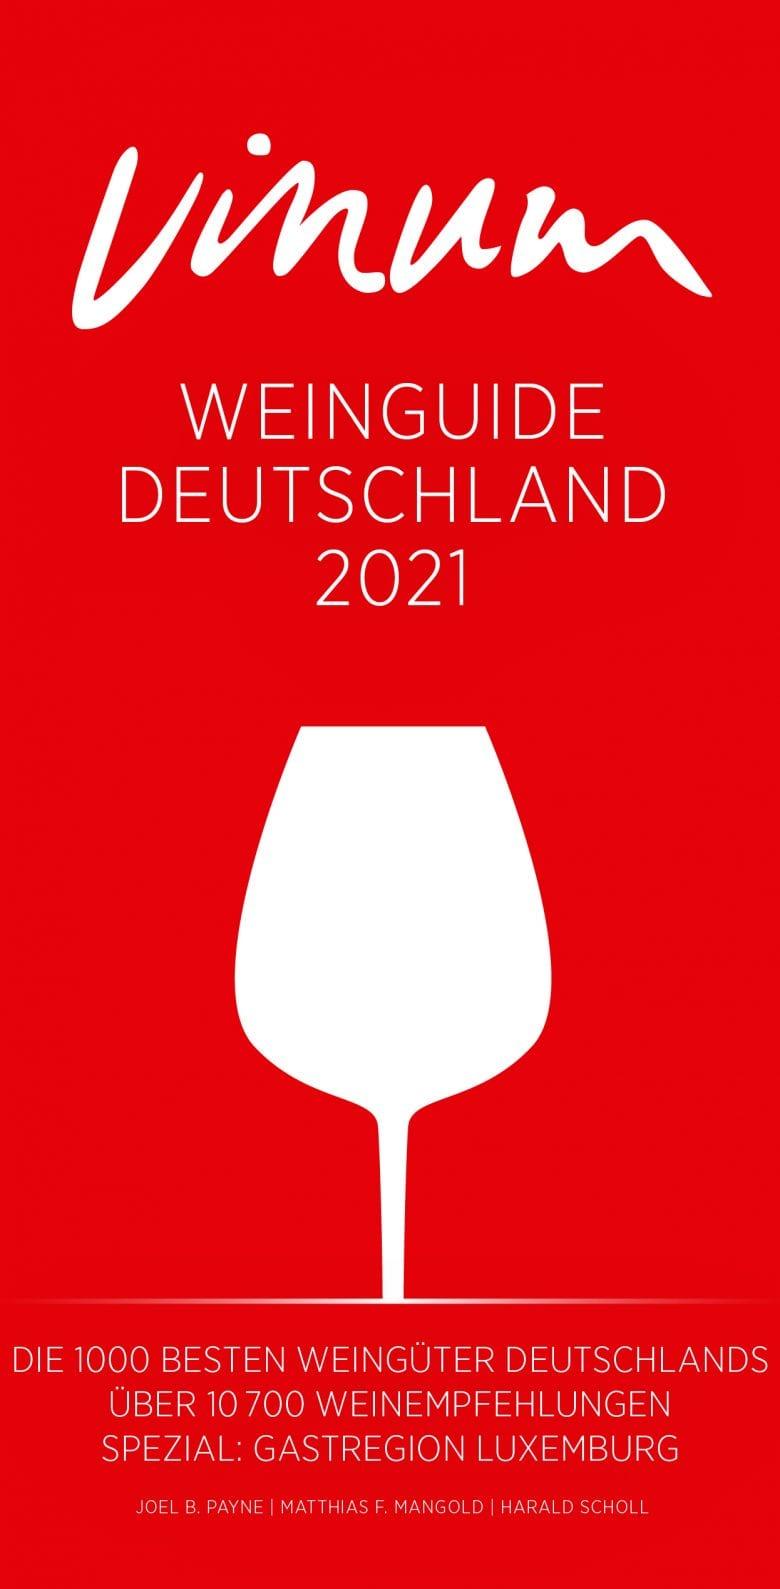 Weinguide Deutschland